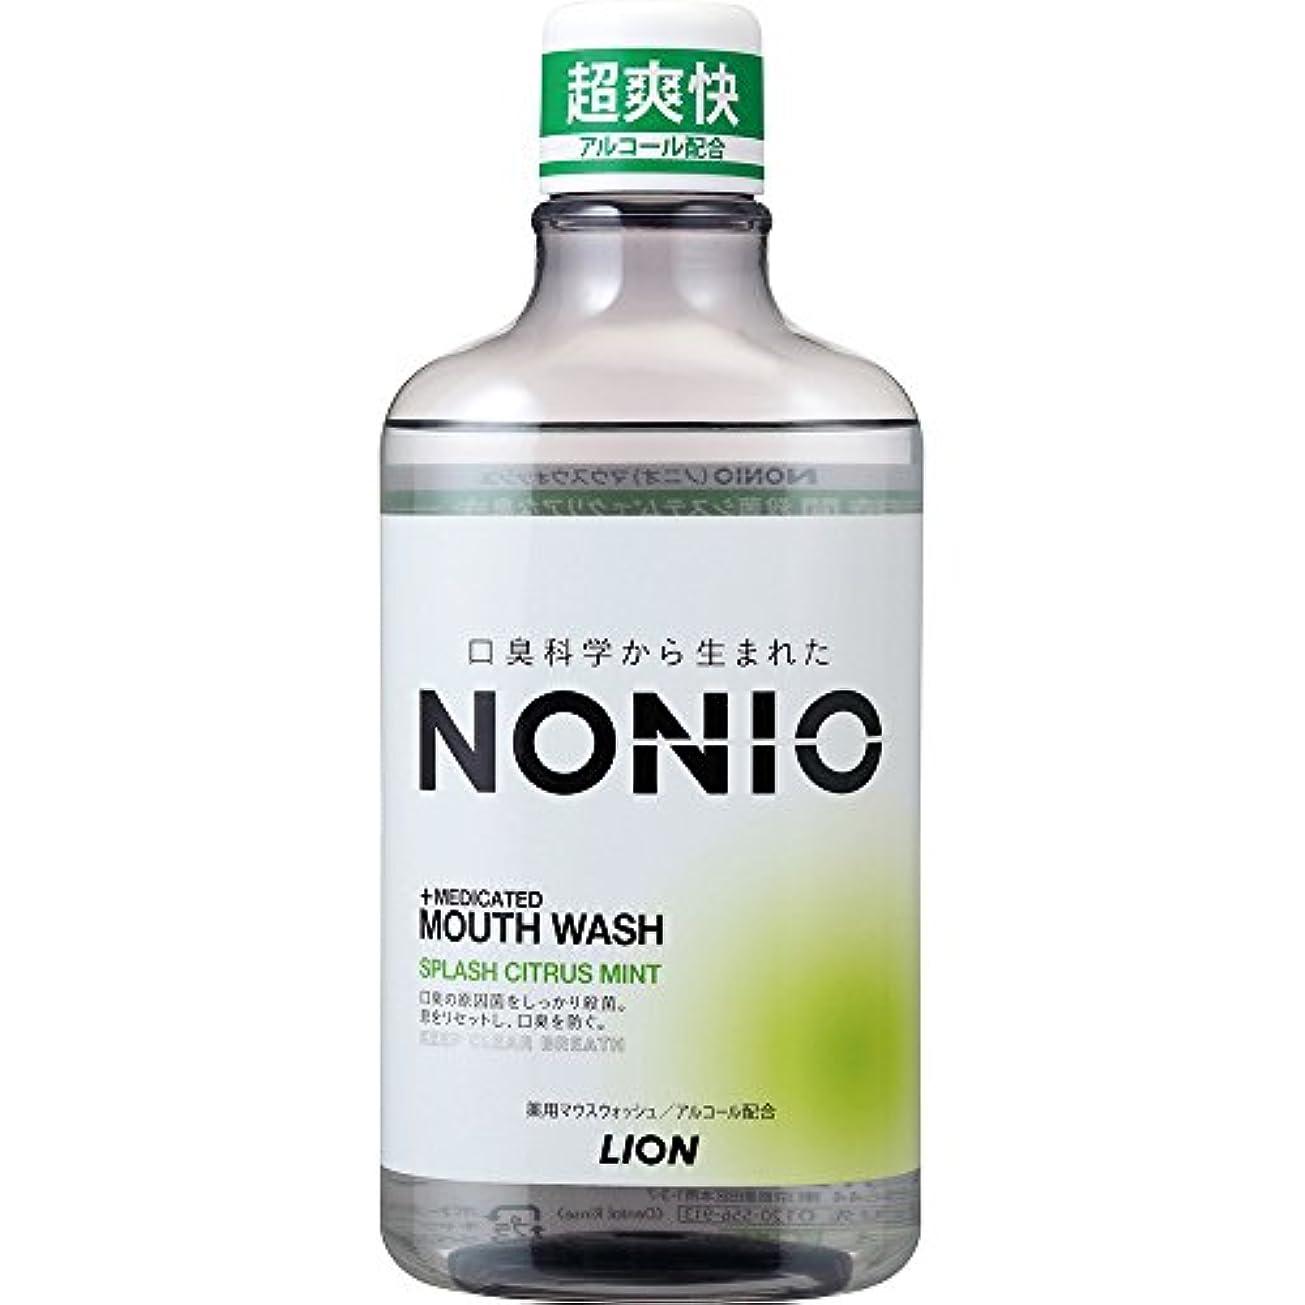 ポテト定規加速する[医薬部外品]NONIO マウスウォッシュ スプラッシュシトラスミント 600ml 洗口液